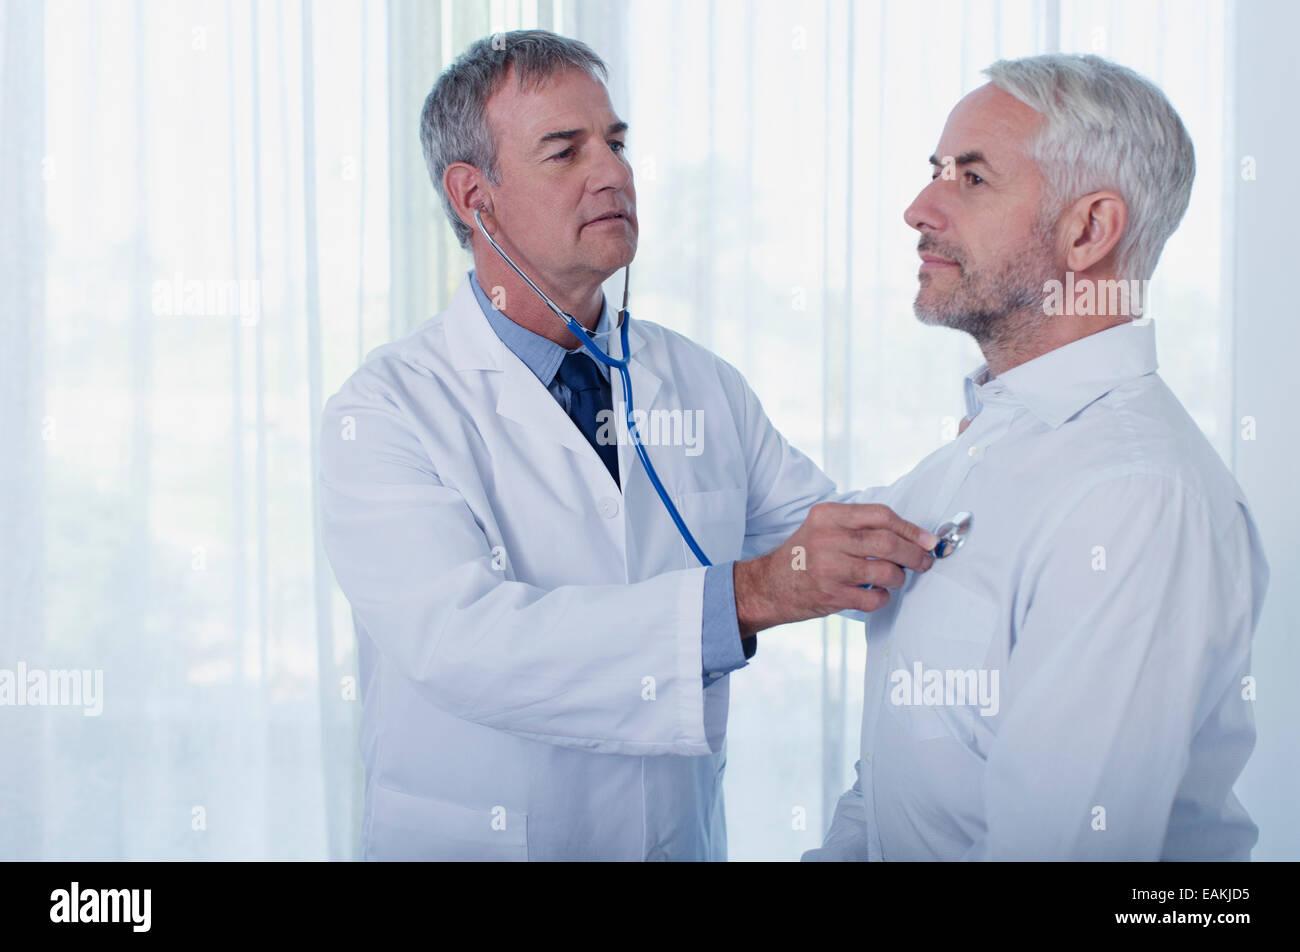 Esame medico uomo maturo con uno stetoscopio Immagini Stock